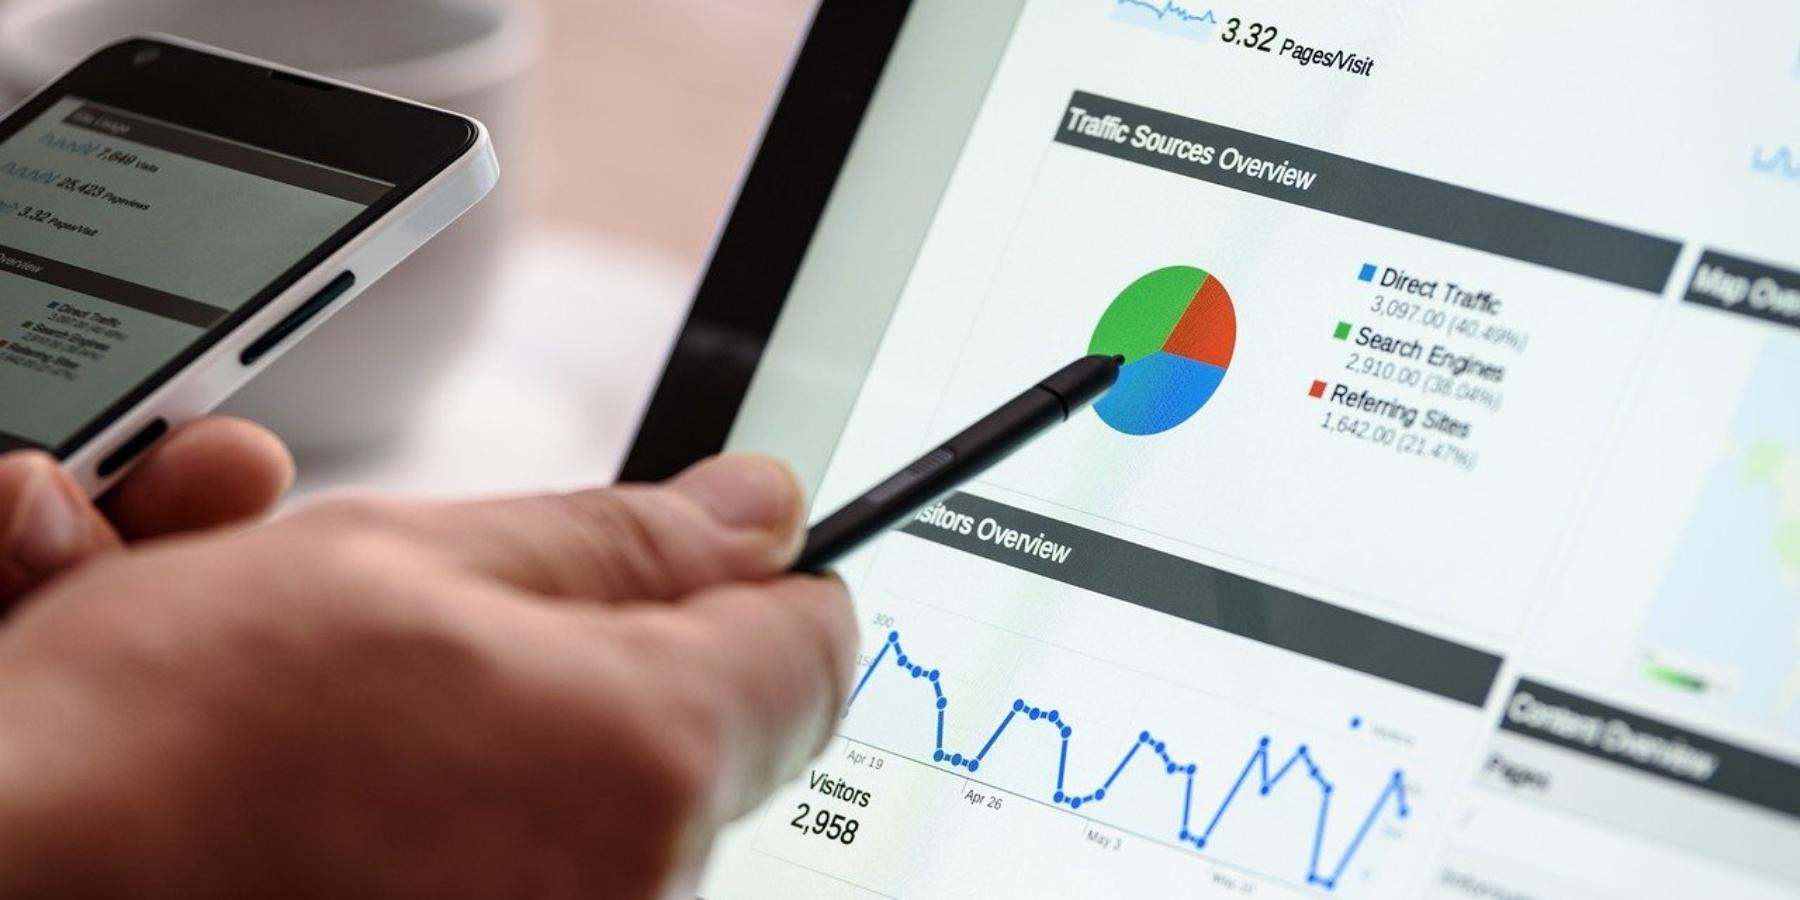 Pozycjonowanie bloga – jak poprawić SEO, zwiększając liczbę wejść?